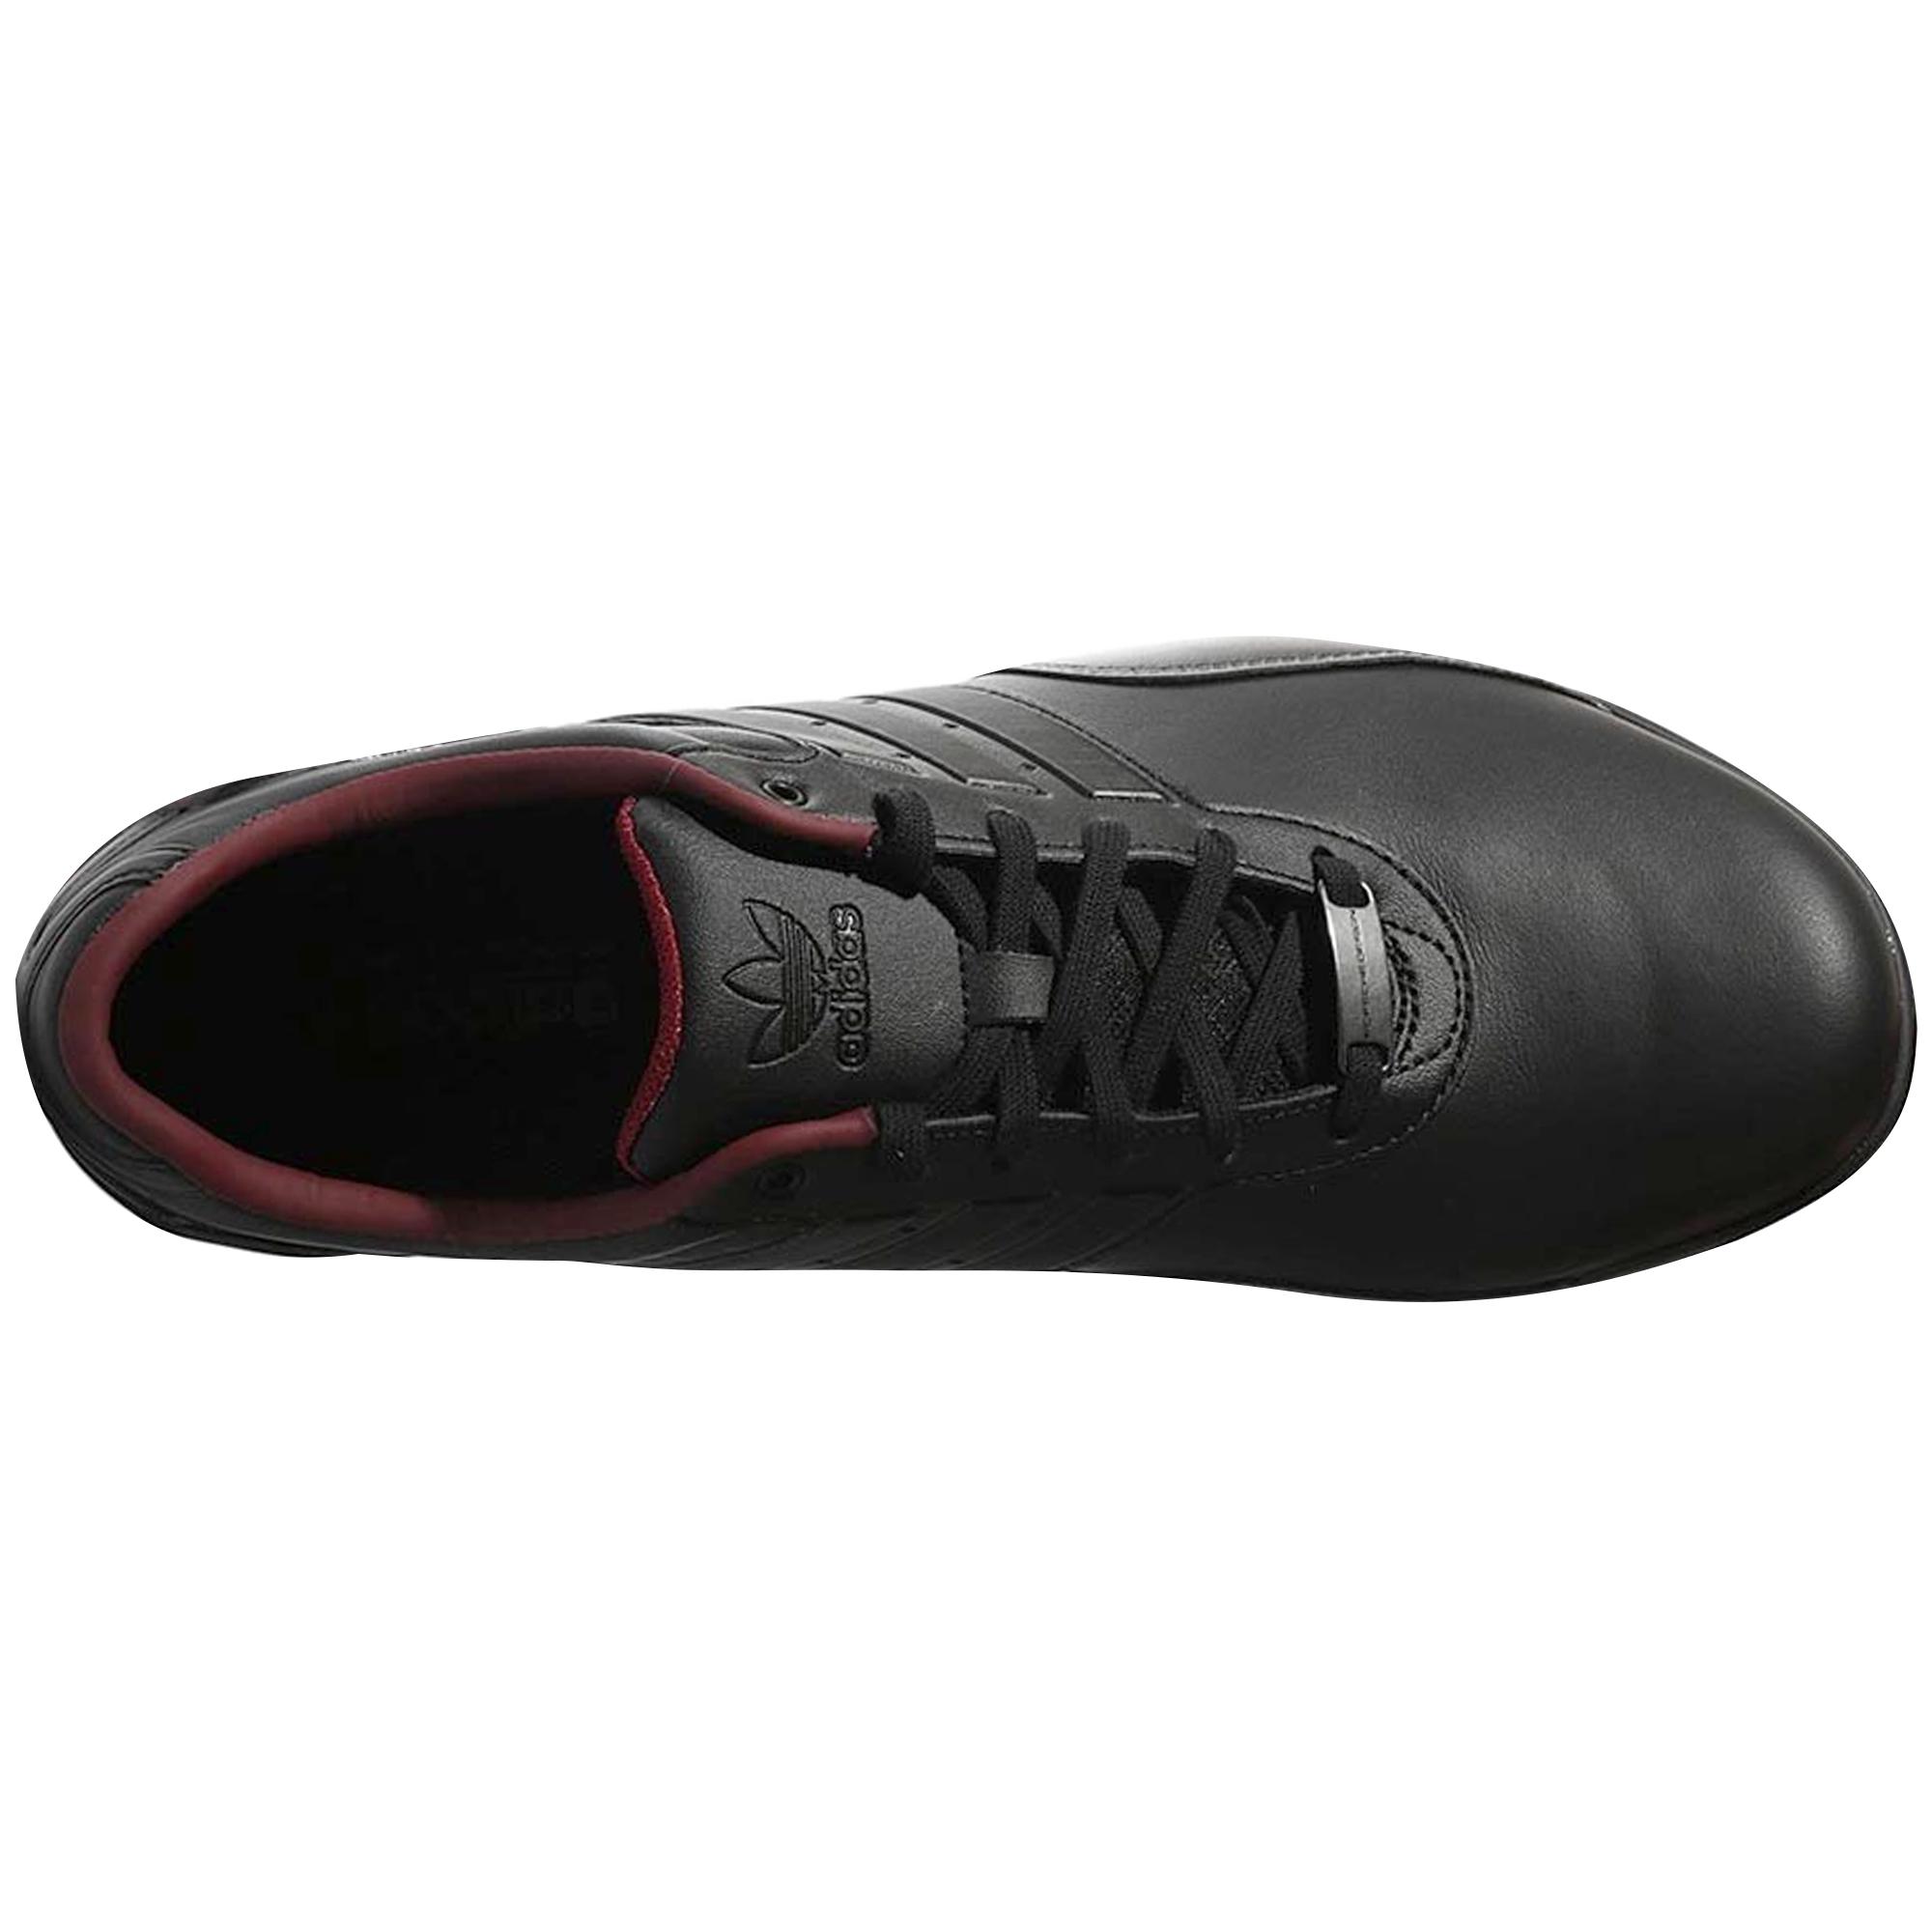 new product 088ce a2240 ... discount adidas porsche 550 sport ss15 erkek spor ayakkab 5ecff e802f